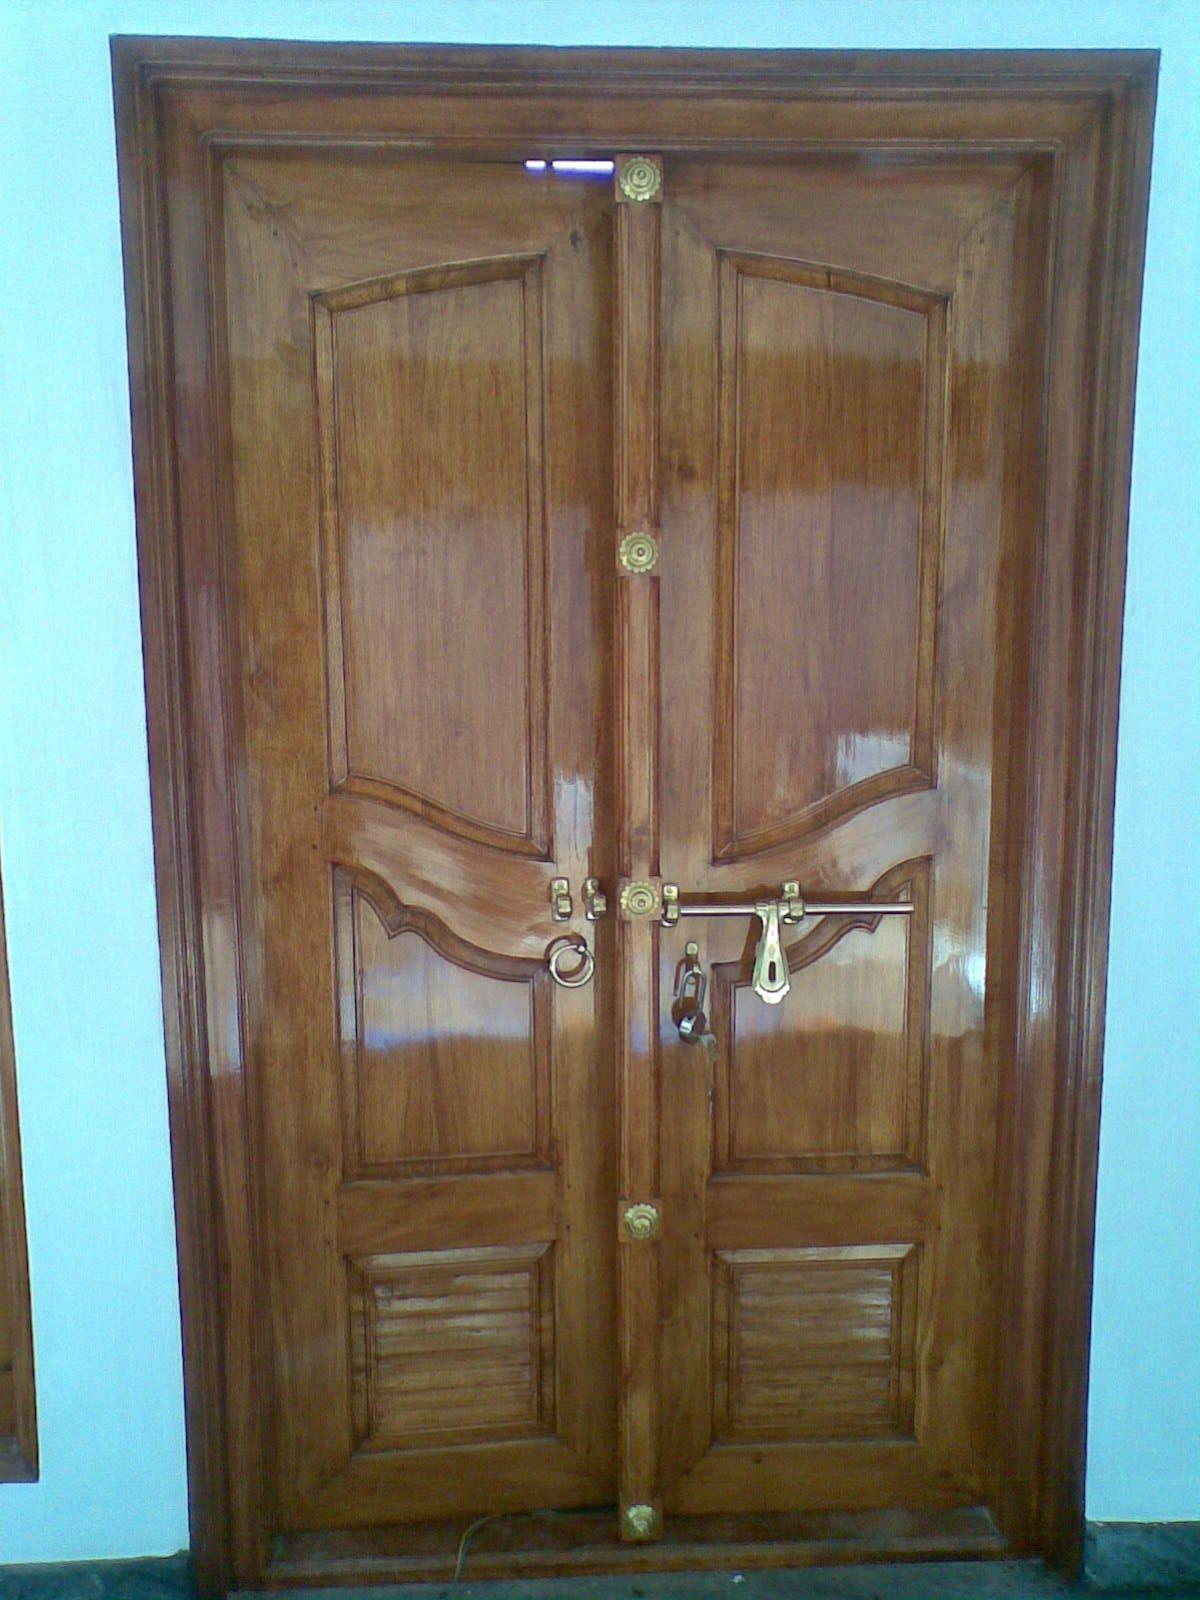 Harga Pintu Doors Woodendoors Wooddoors Teakwood Solidteakwood Double Door Design Double Doors Double Front Doors